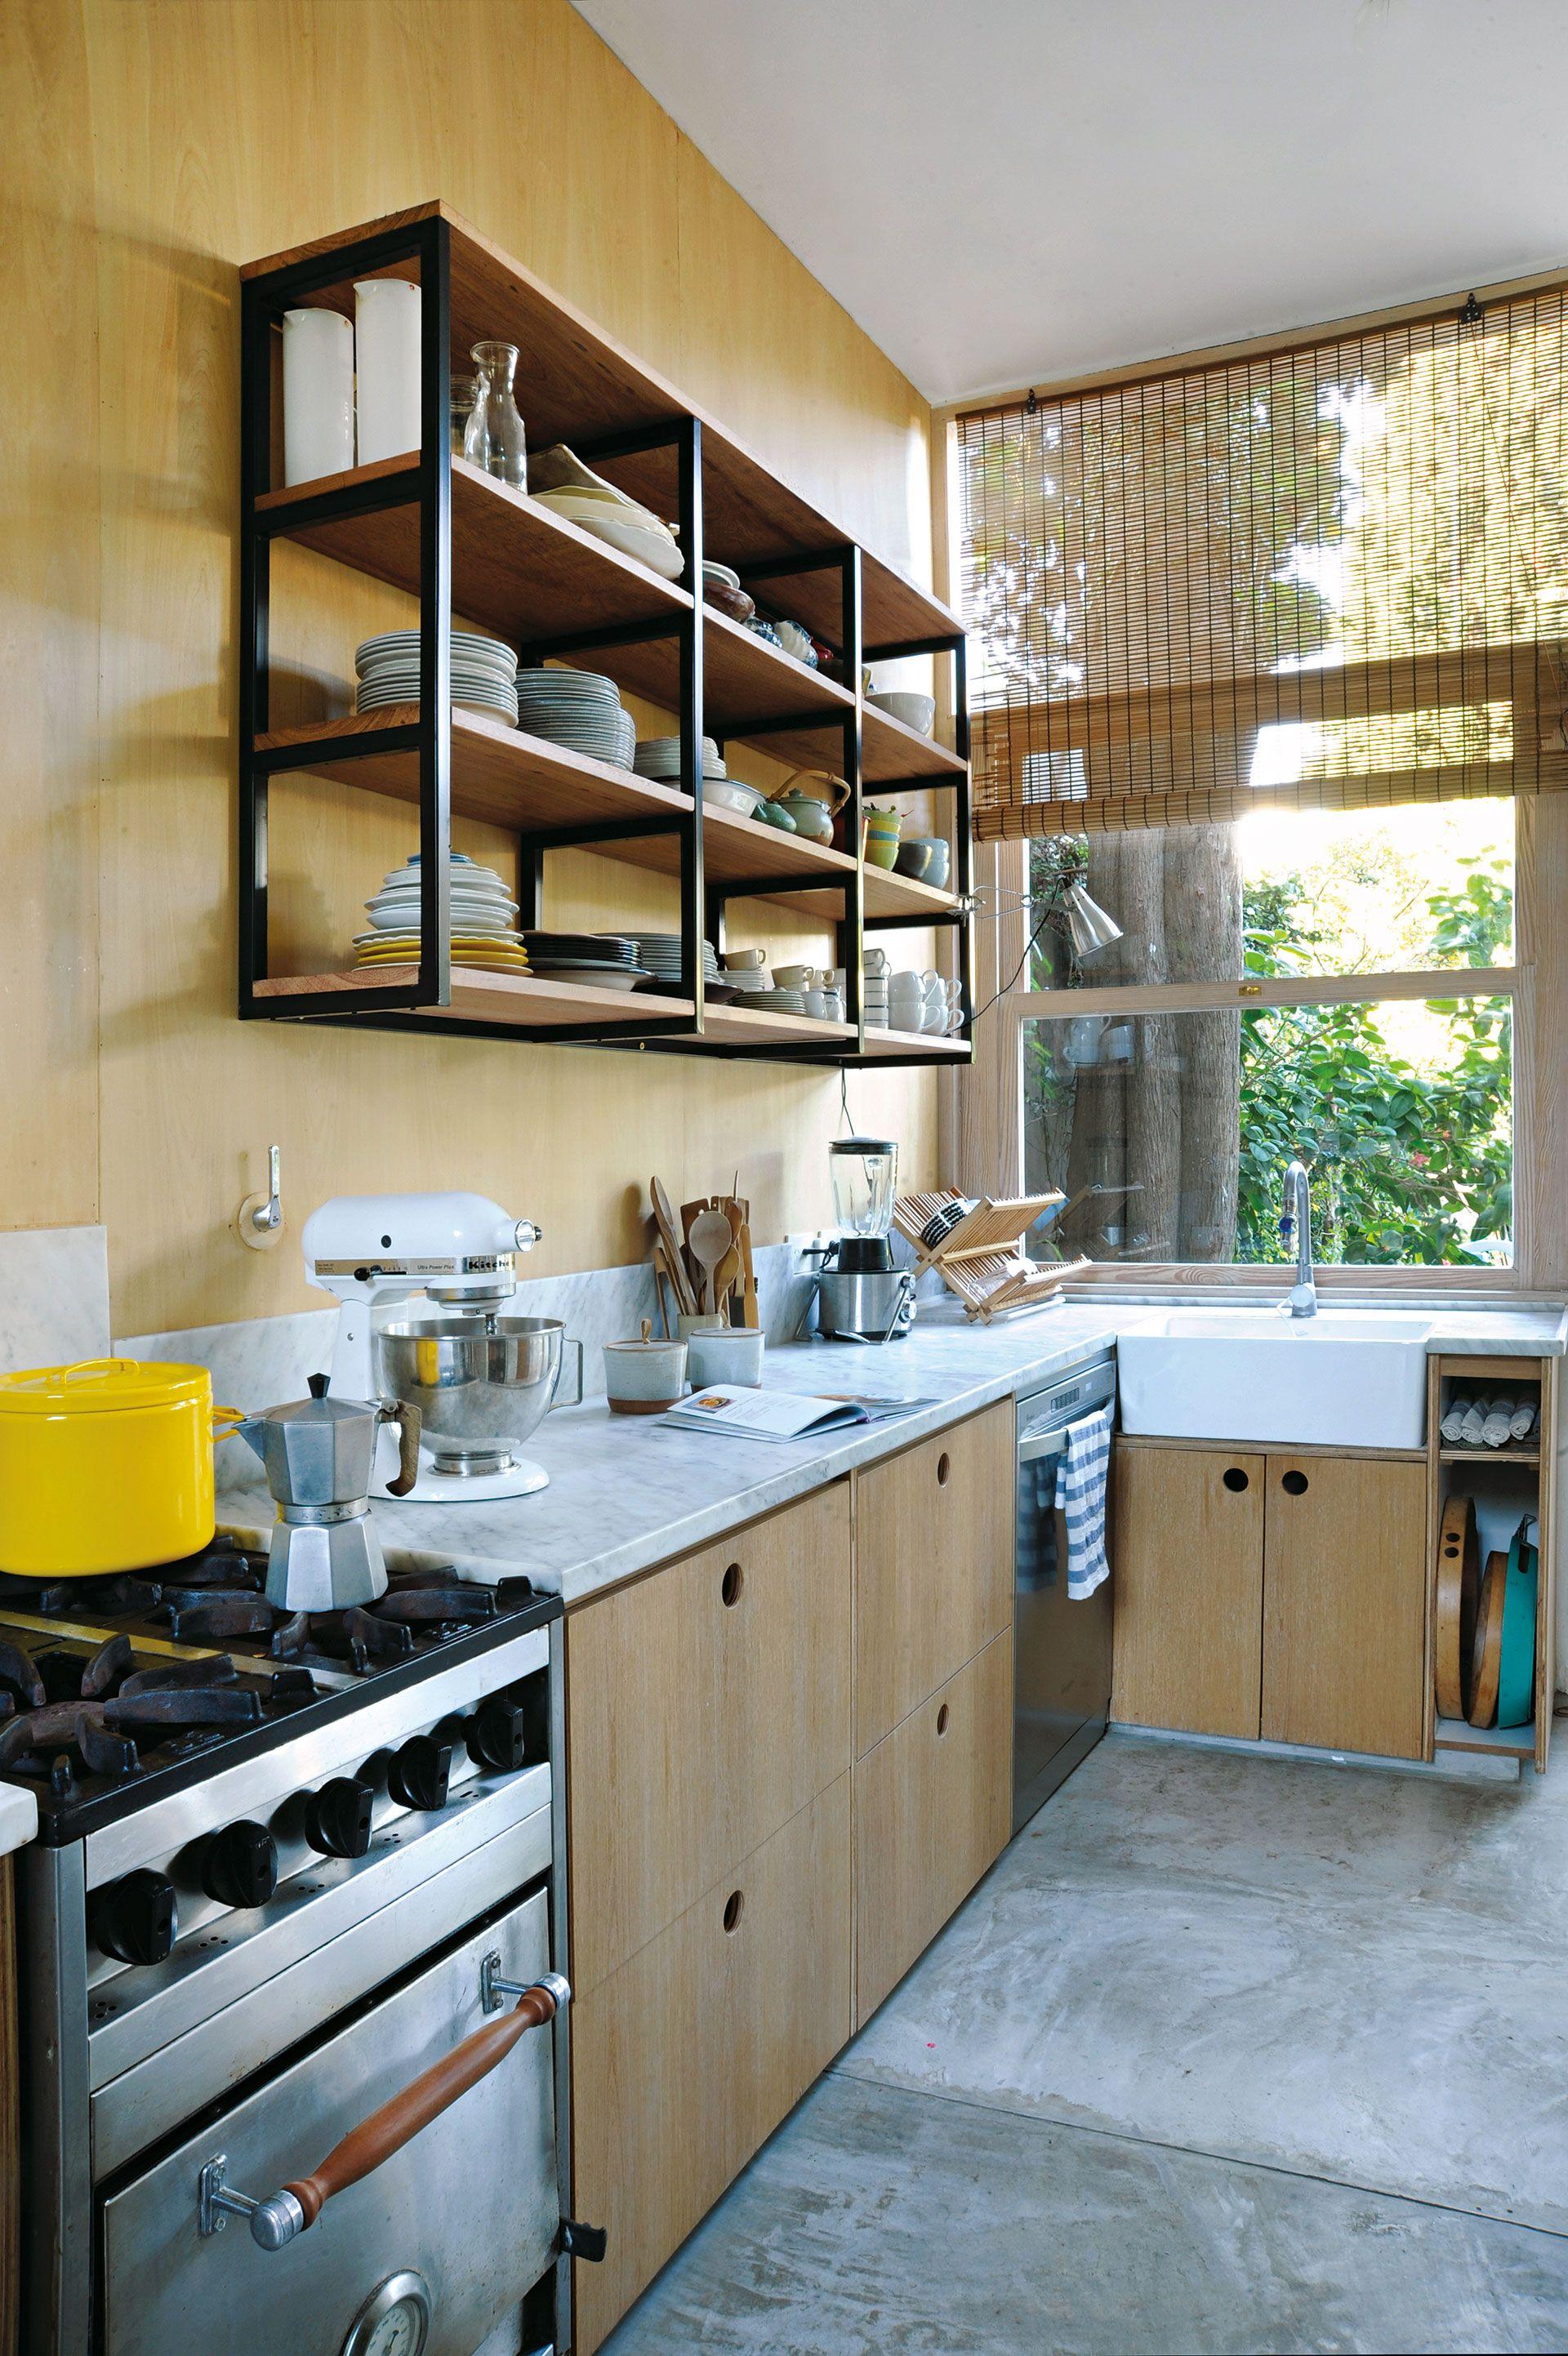 Contemporáneo Cabina De Comedor Cocina Galería - Ideas de Decoración ...